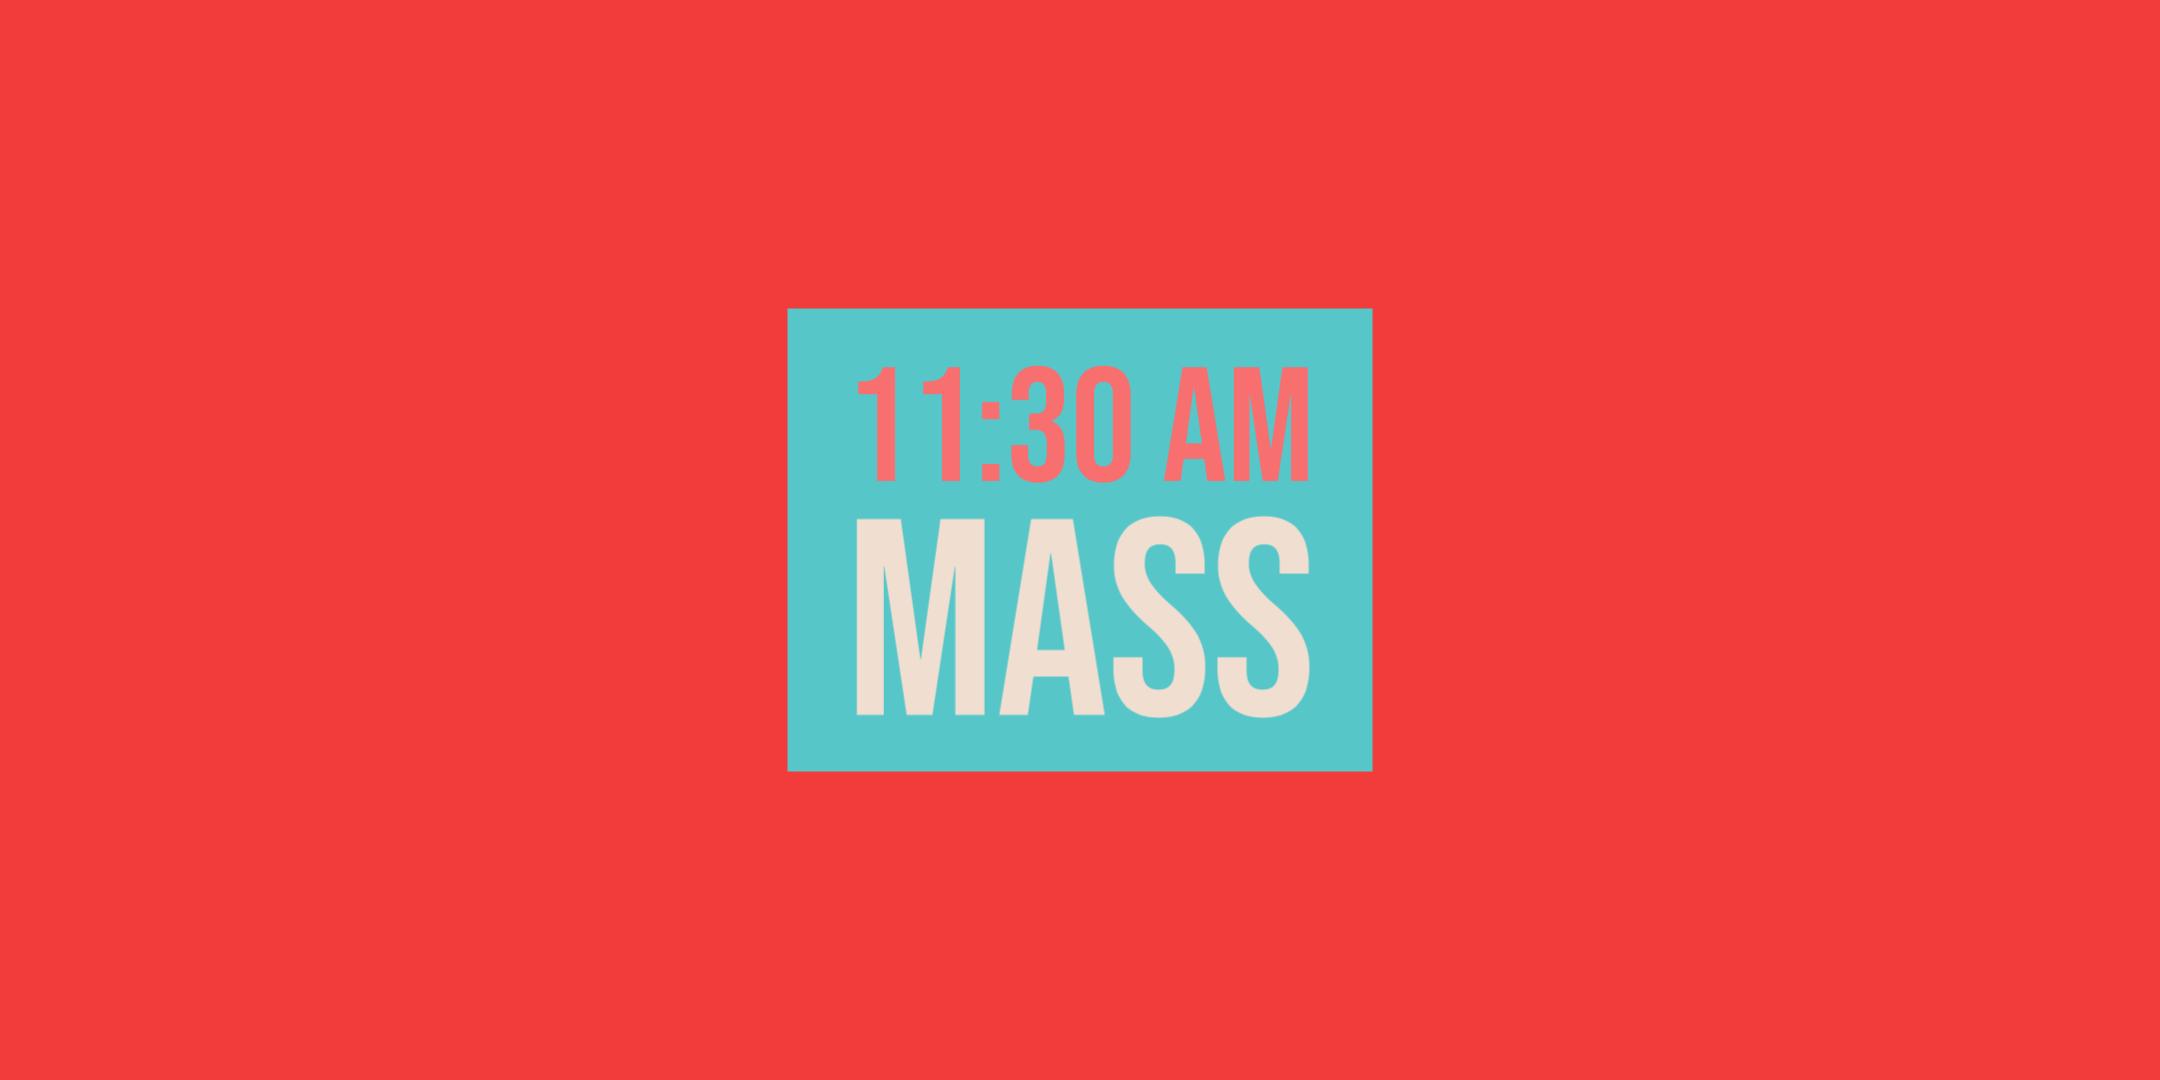 Register for 1130 Mass